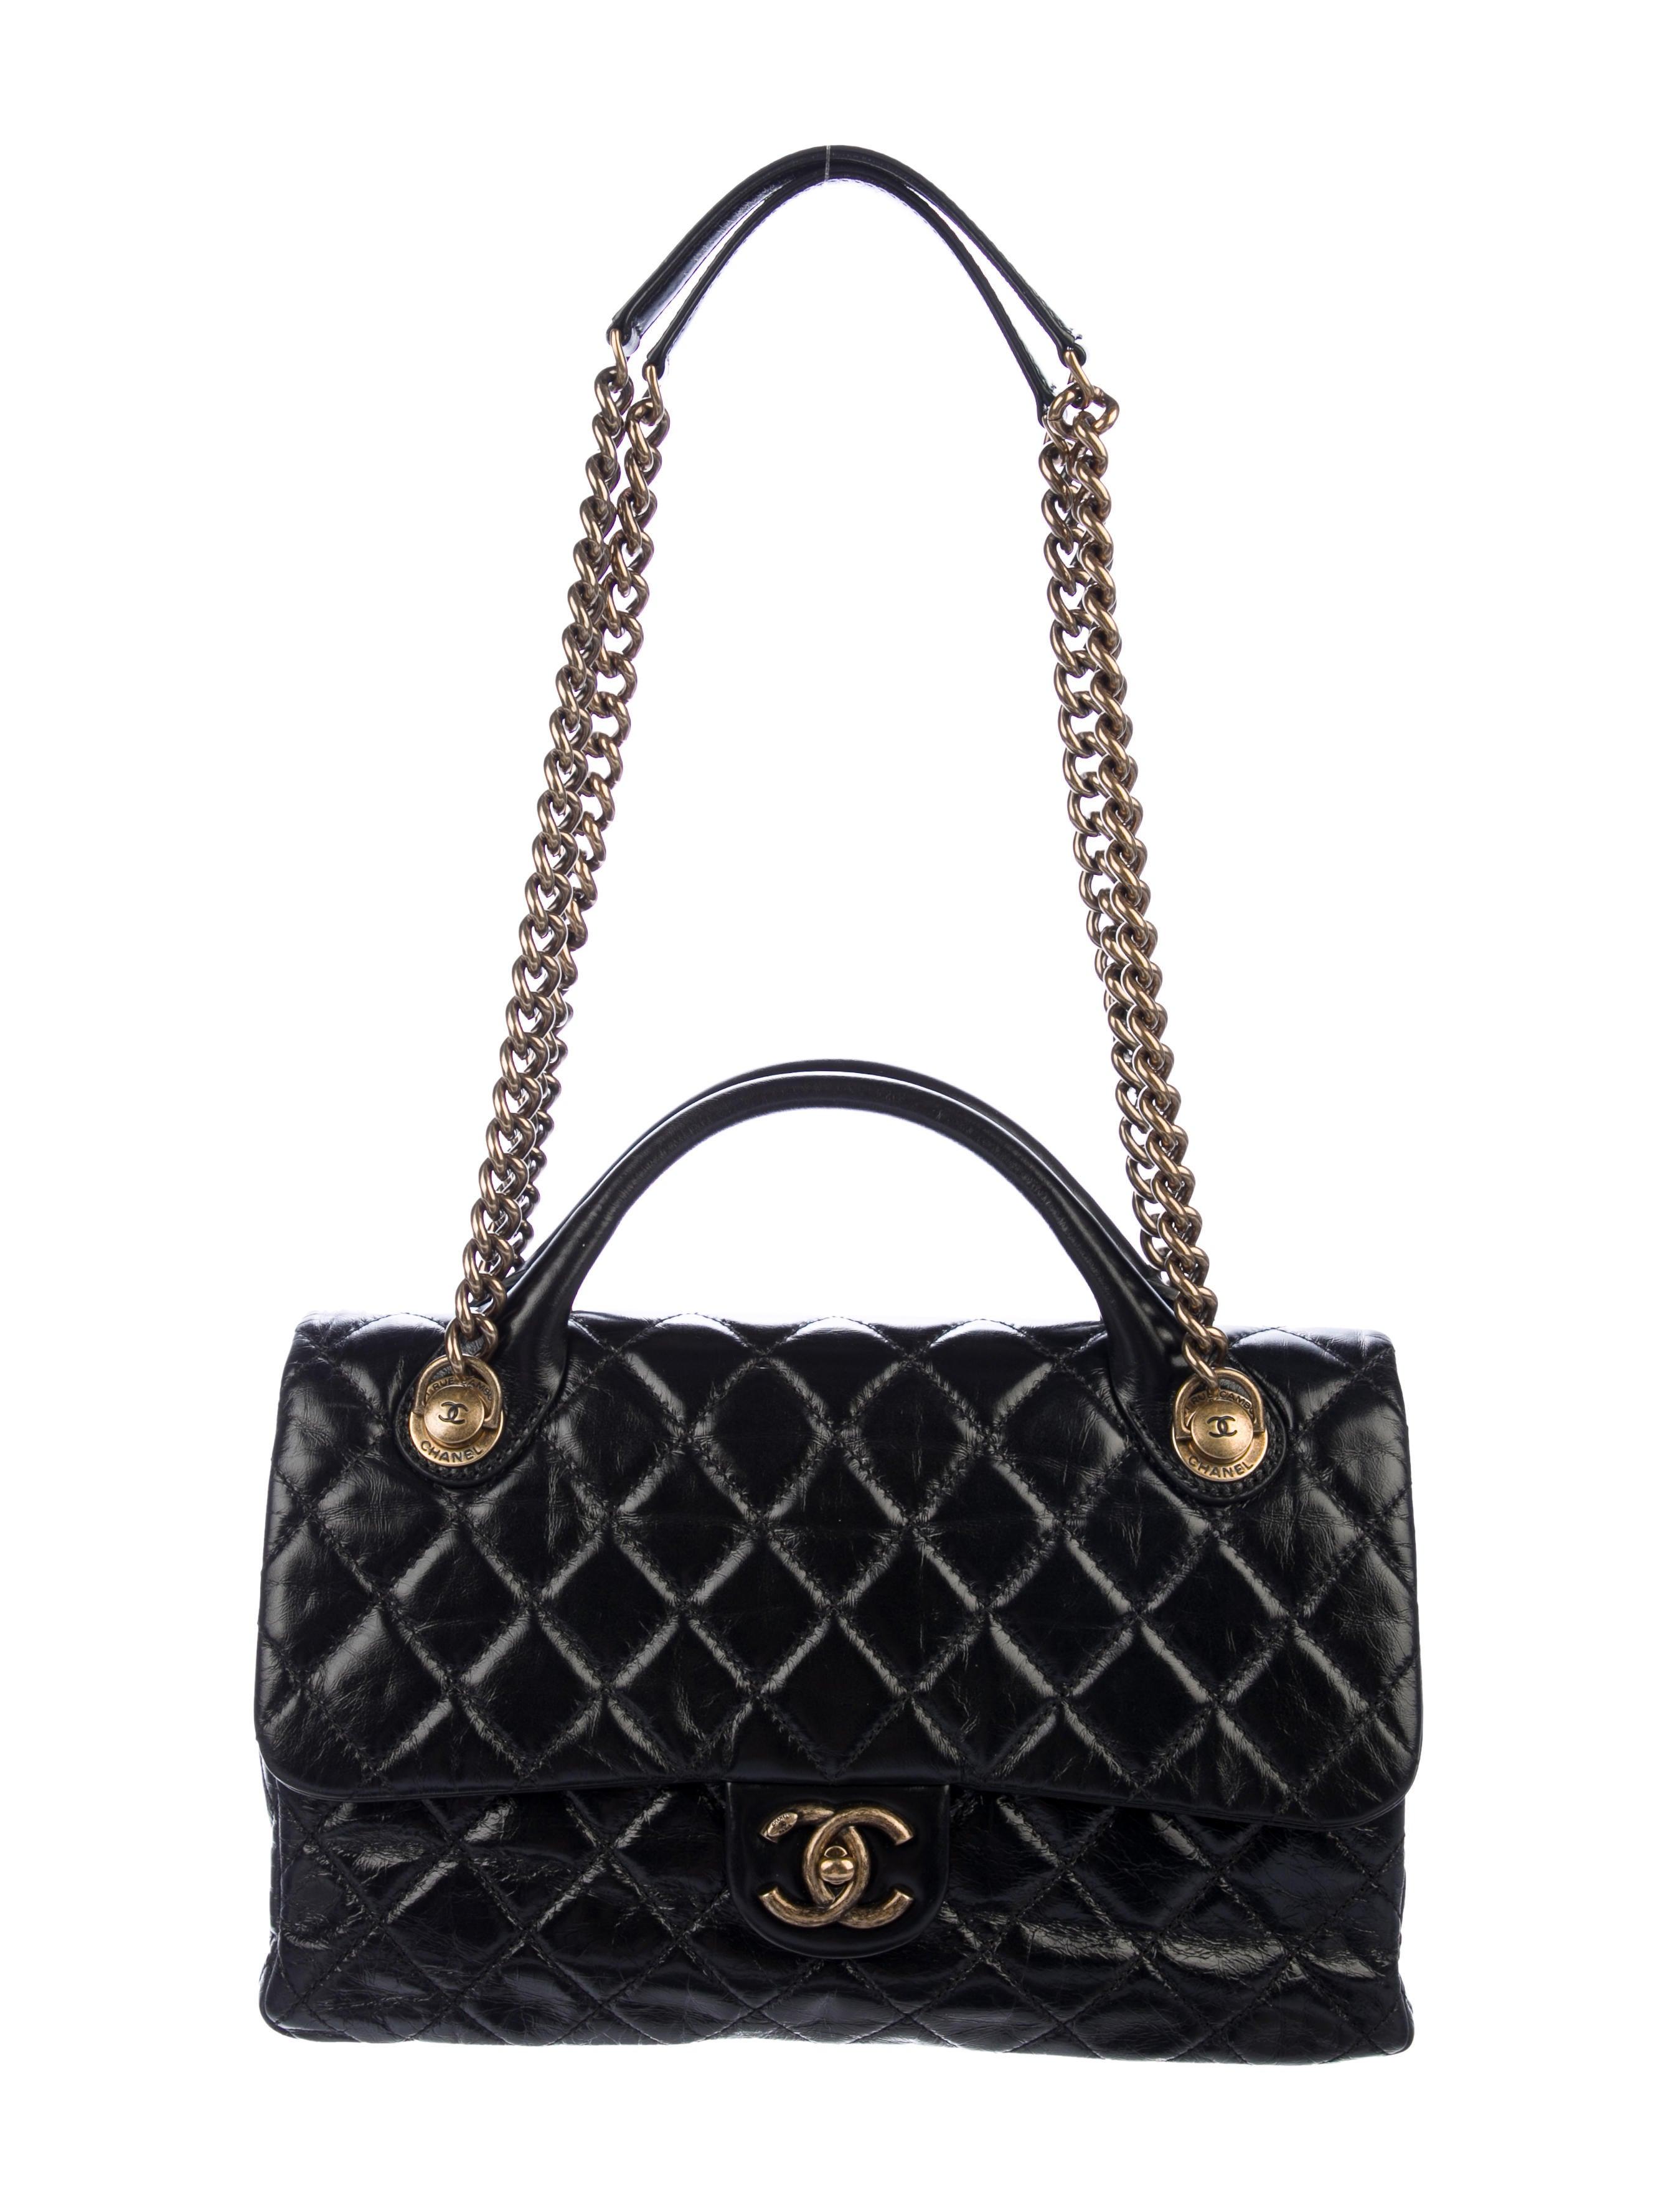 75b5324c616e Chanel Medium Castle Rock Flap Bag - Handbags - CHA287132 | The RealReal